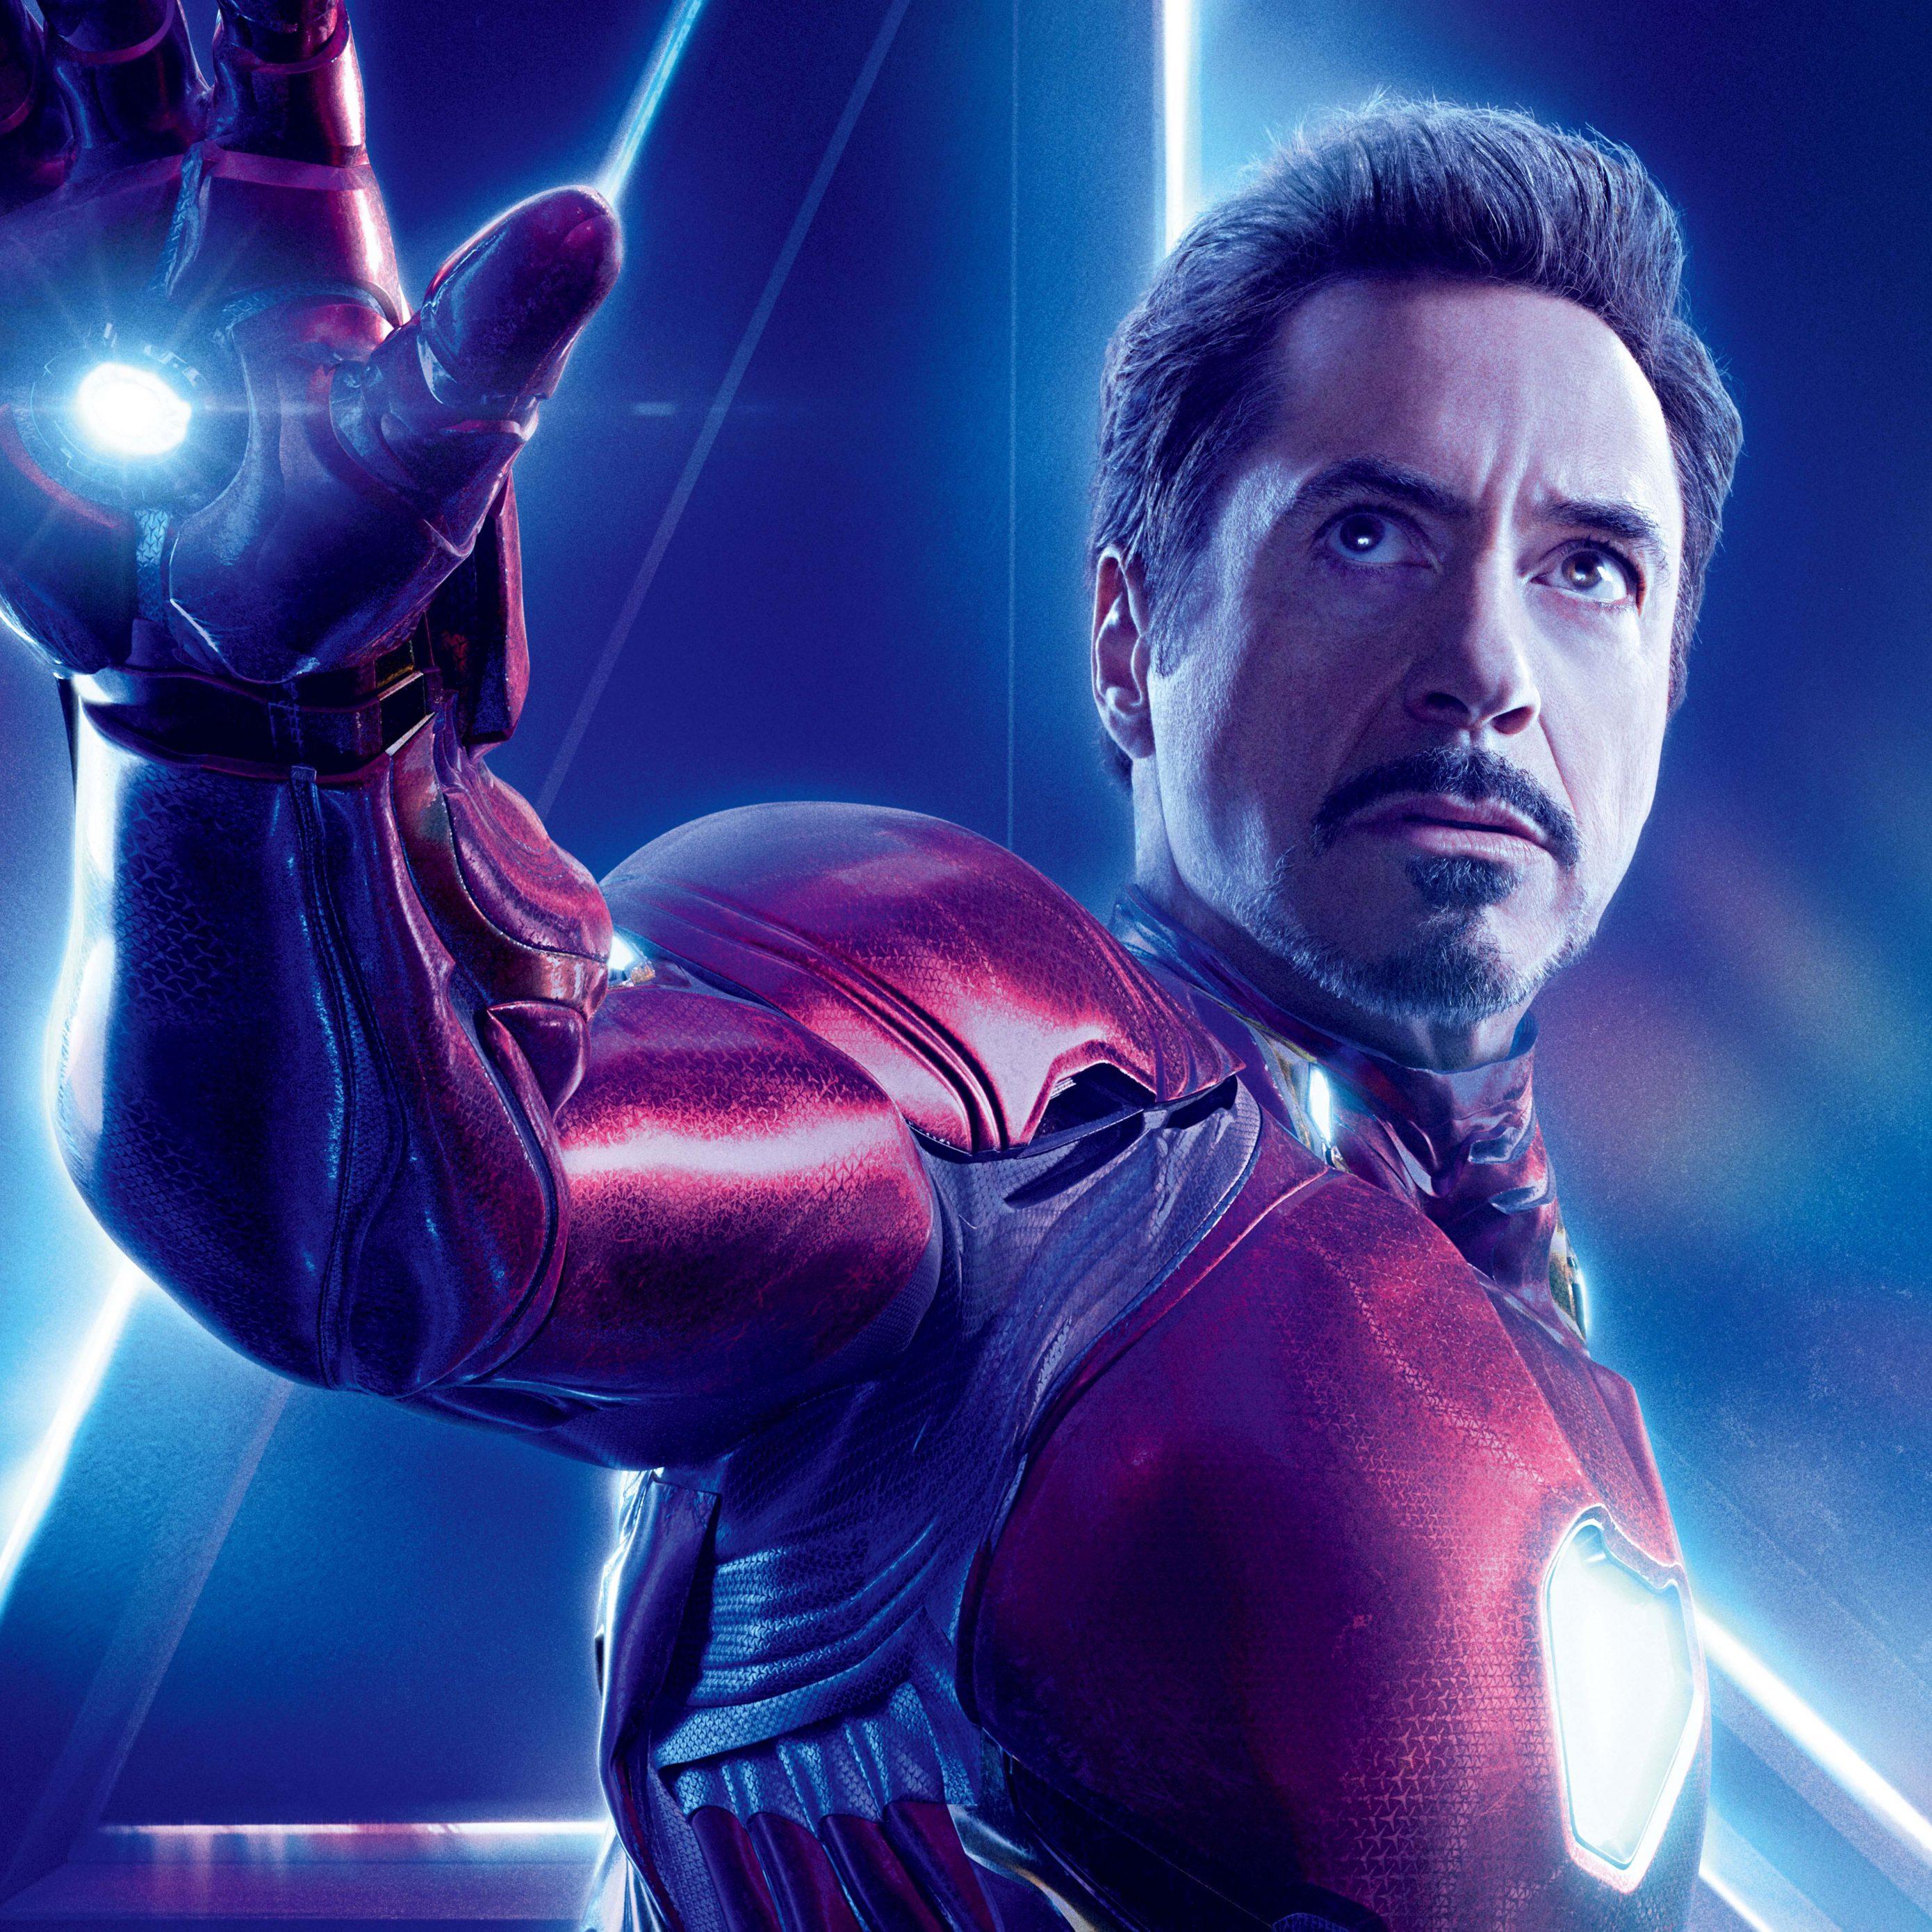 Ironman Avengers Infinity War Poster 8K Wallpaper